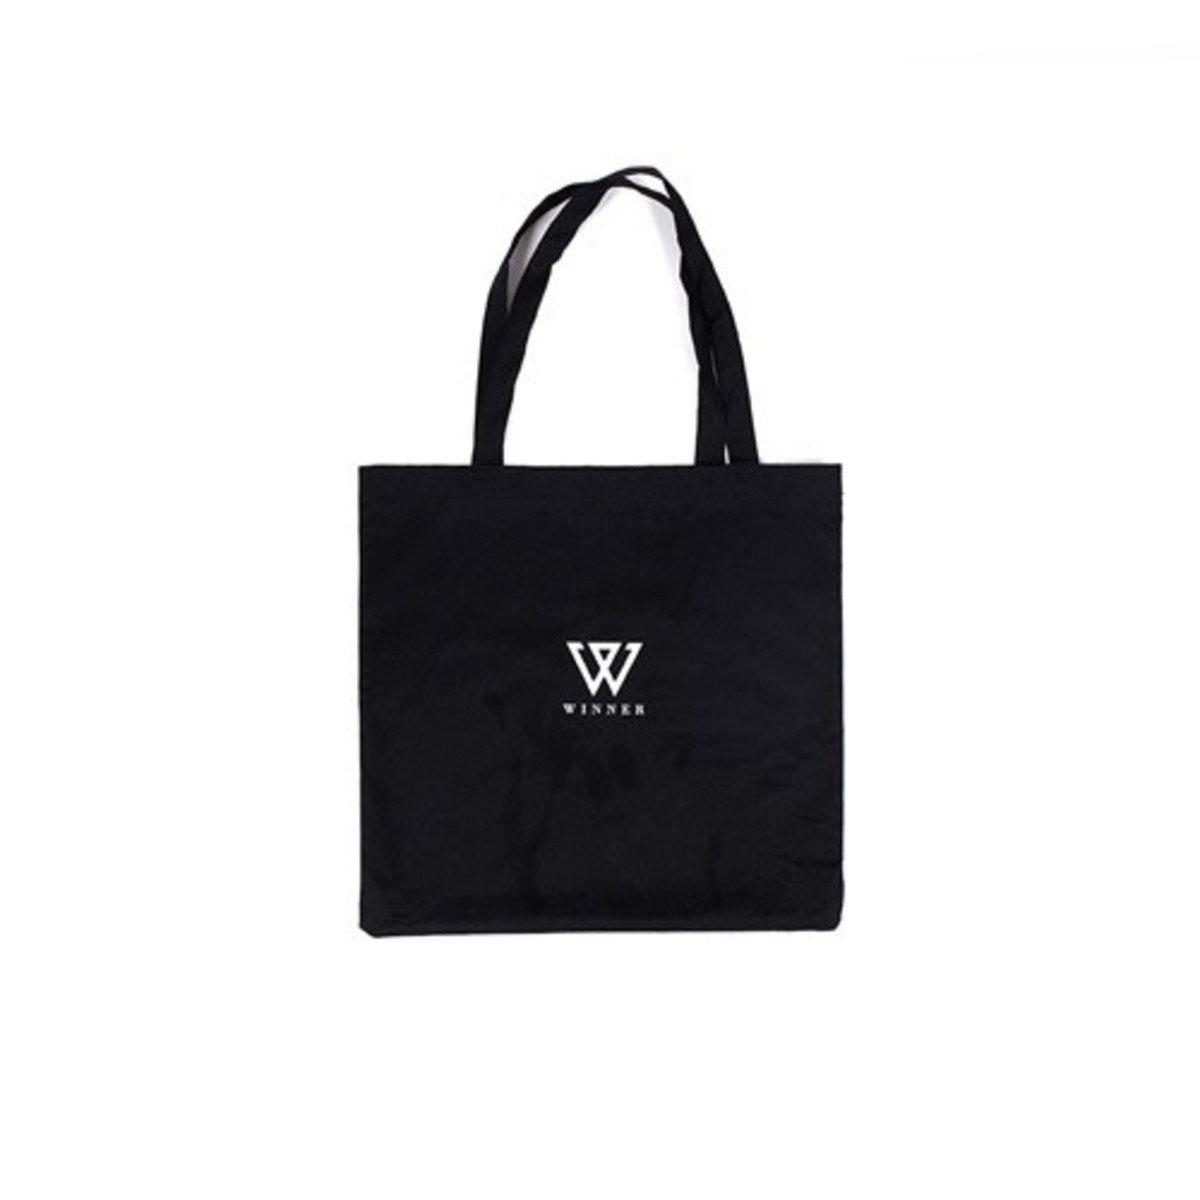 2014 WINNER 環保袋_GD00012571